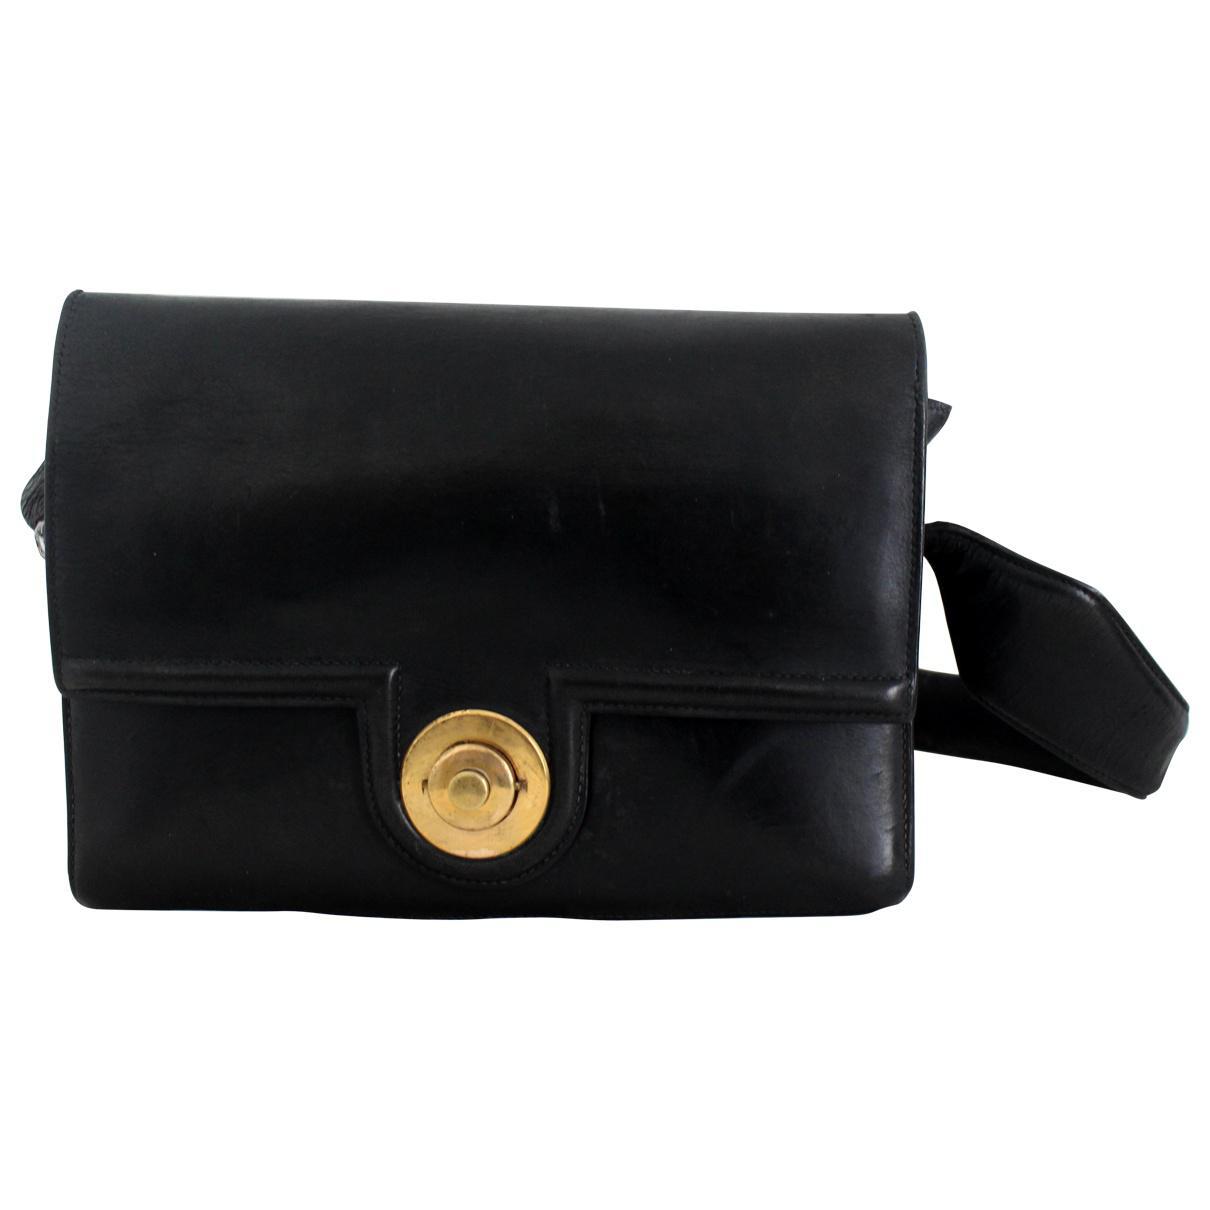 10100fbb99 Lyst - Sac bandoulière en cuir Hermès en coloris Noir